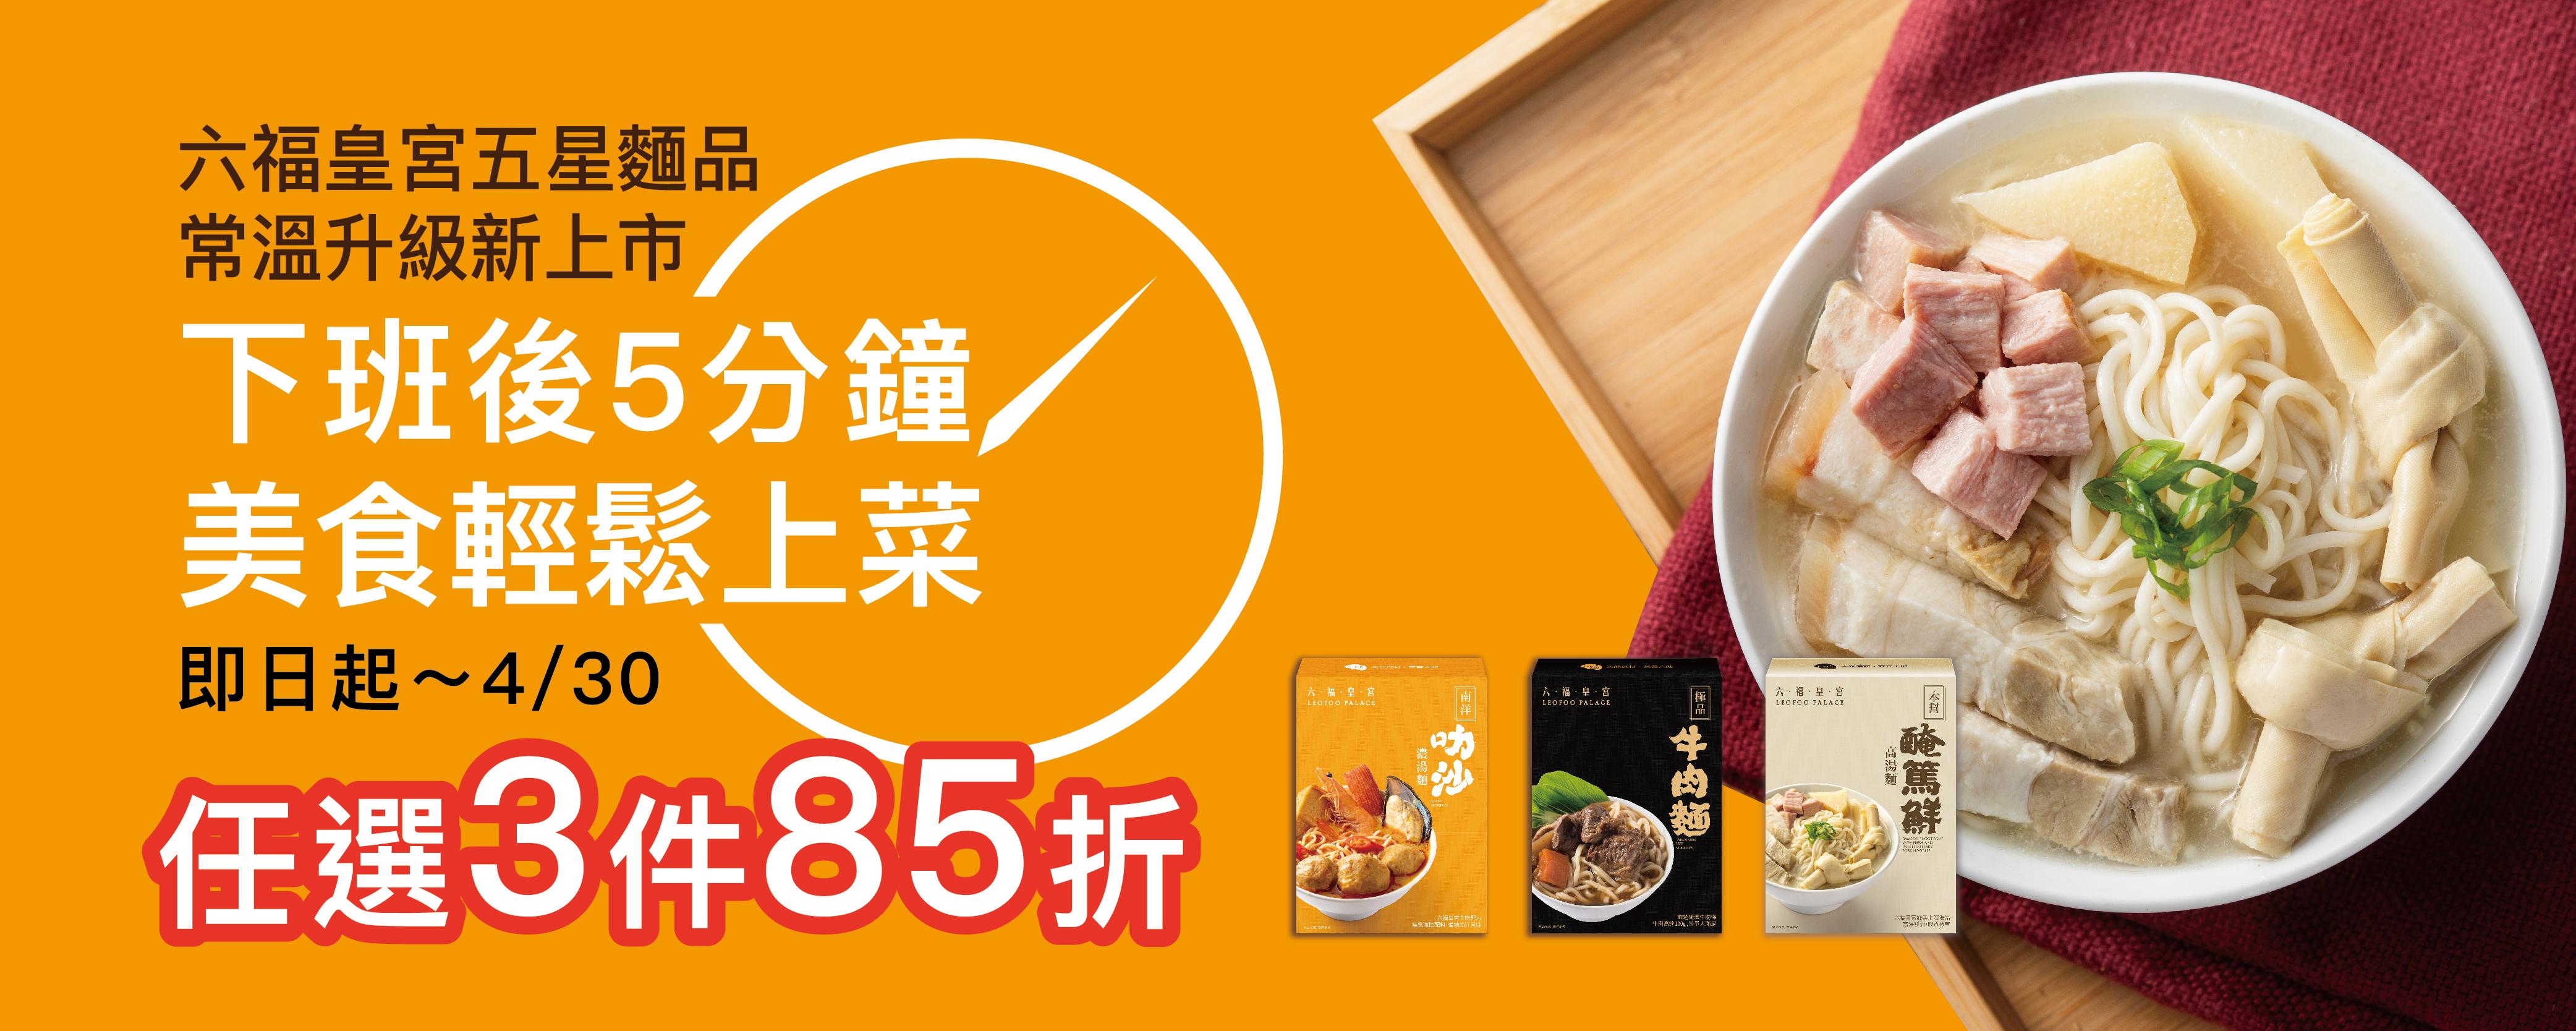 六福皇宮五星常溫麵品:極品牛肉麵/本幫醃篤鮮高湯麵/南洋叻沙濃湯麵